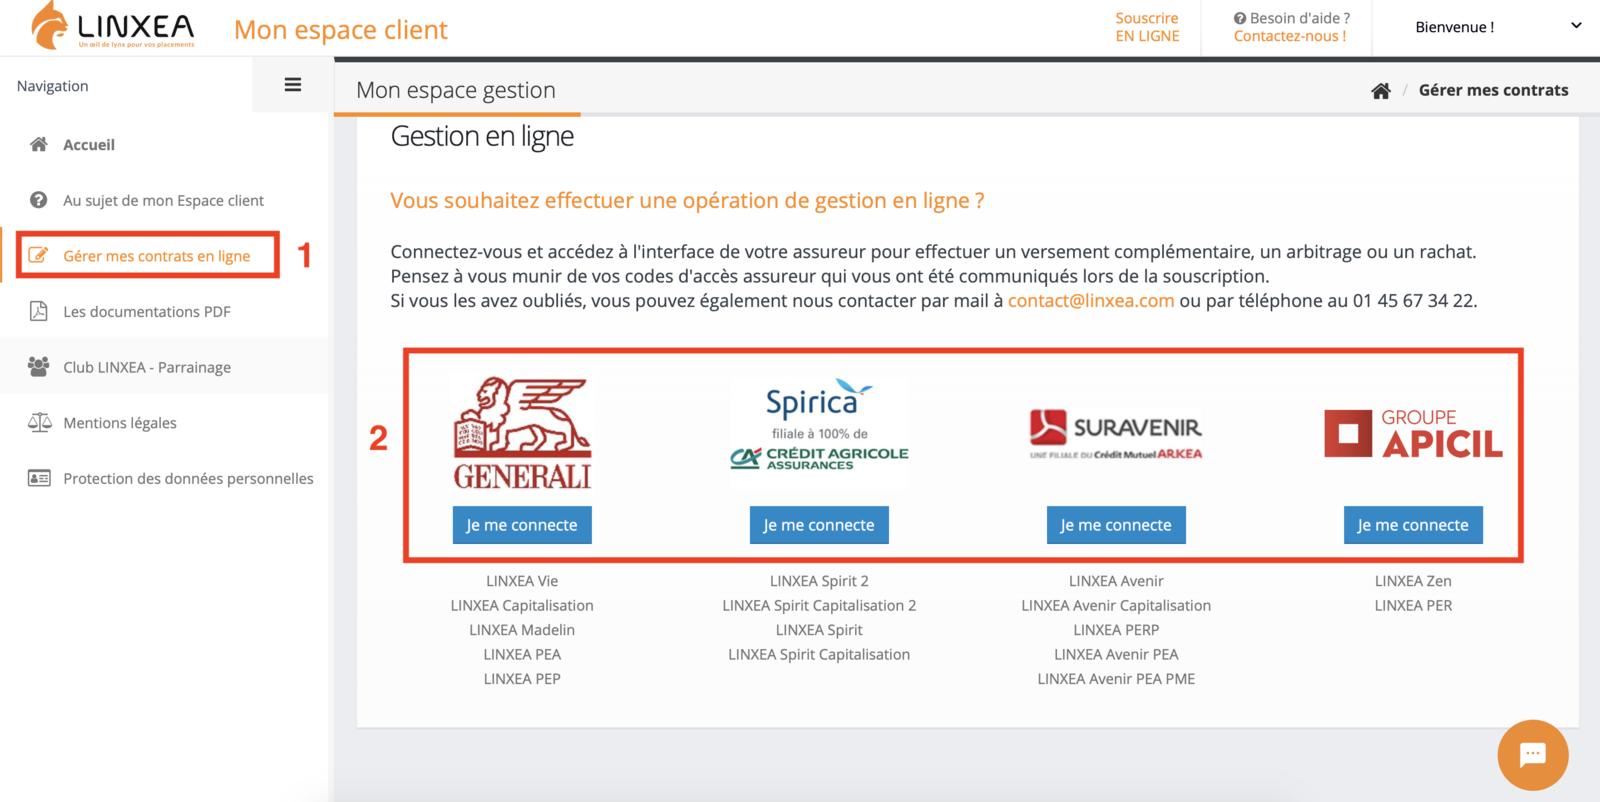 Selection du contrat sur Linxea